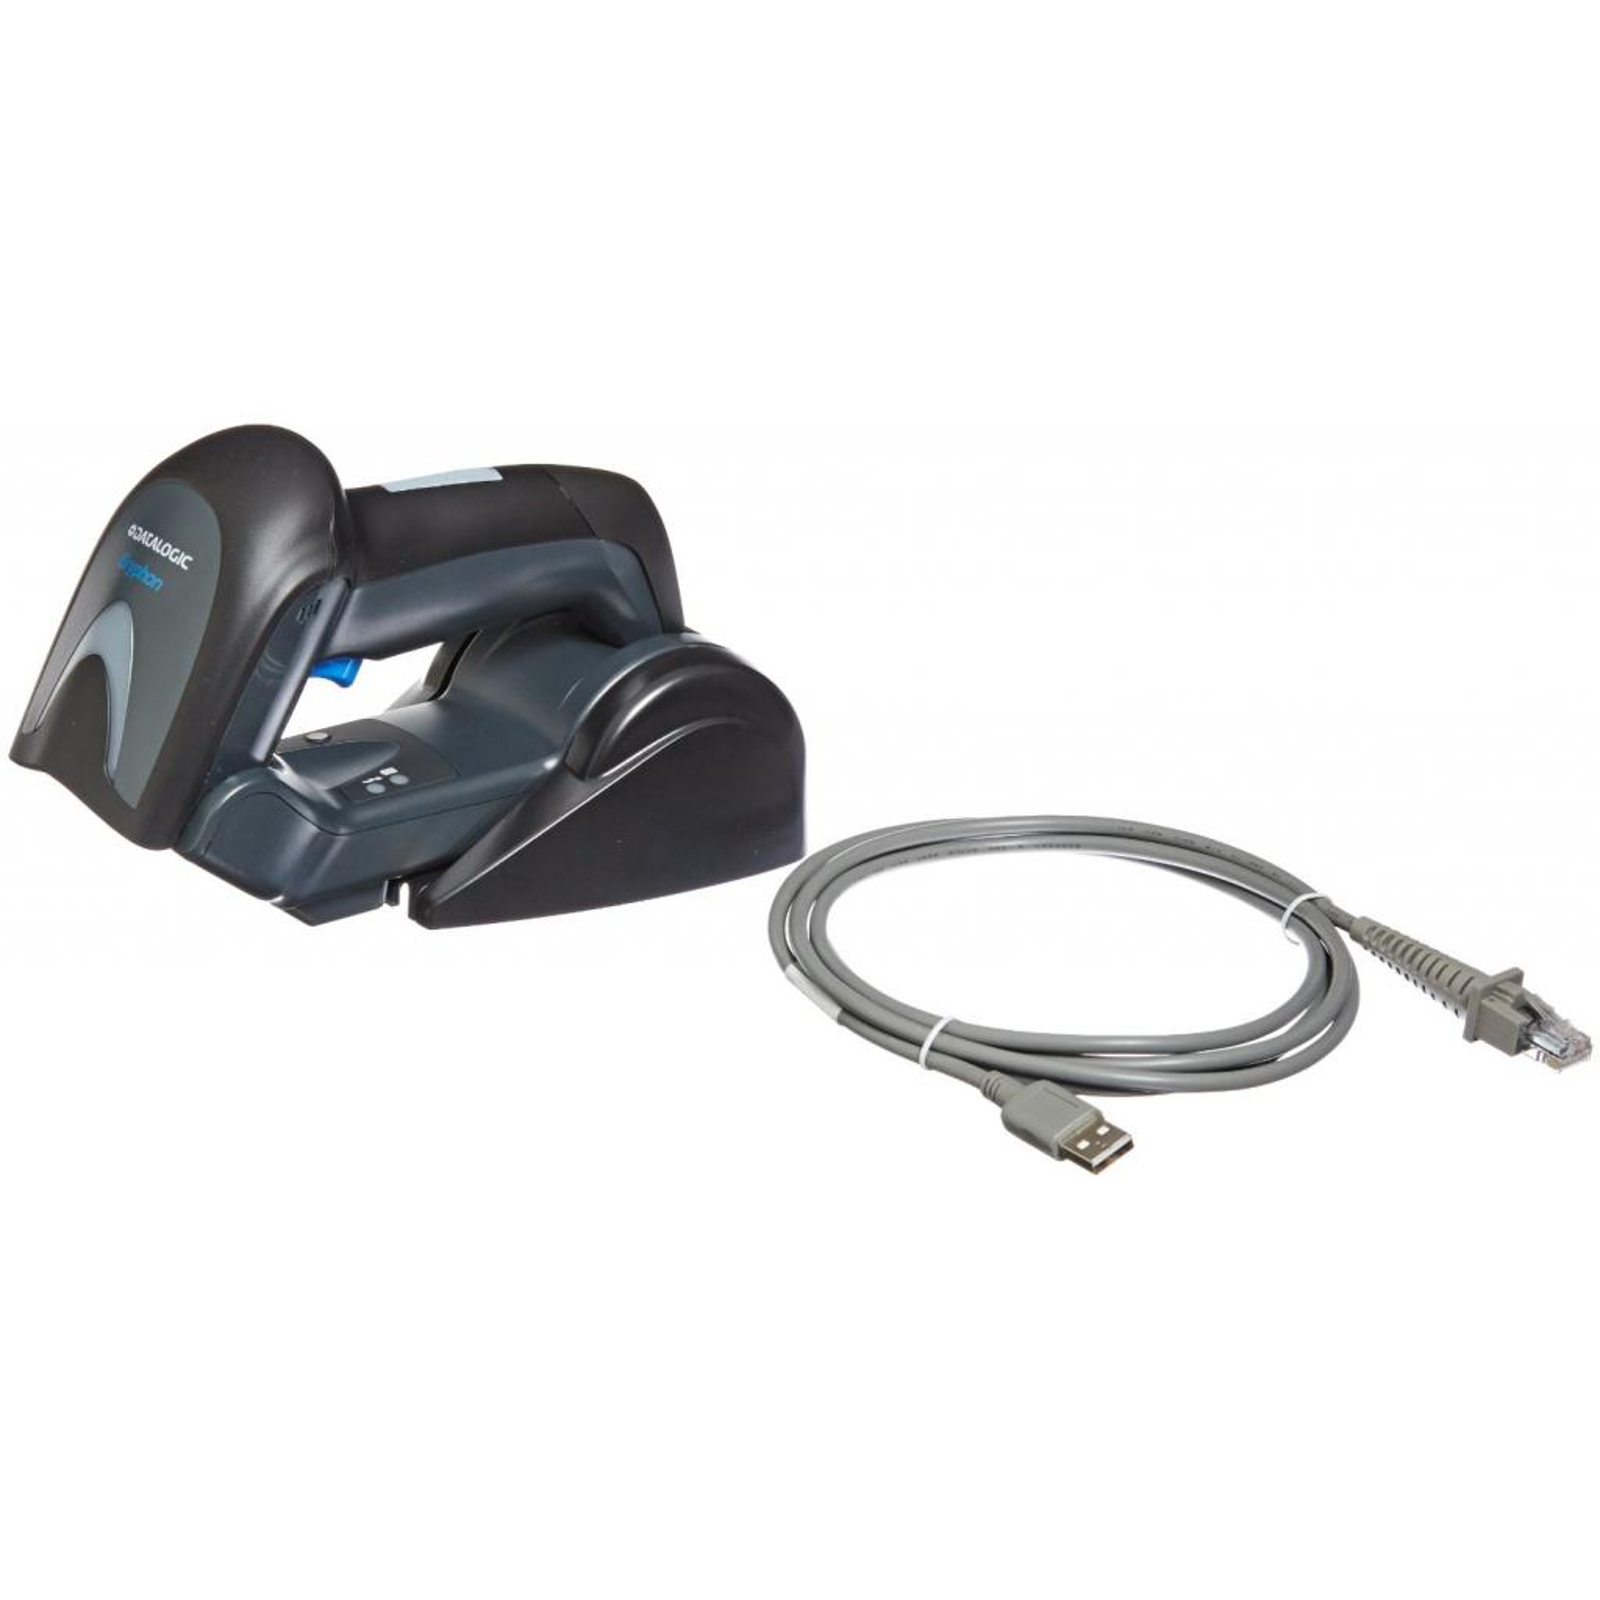 Сканер штрих-кода Datalogic Gryphon I GBT4100 Bluetooth (GBT4130-BK-BTK1) изображение 3